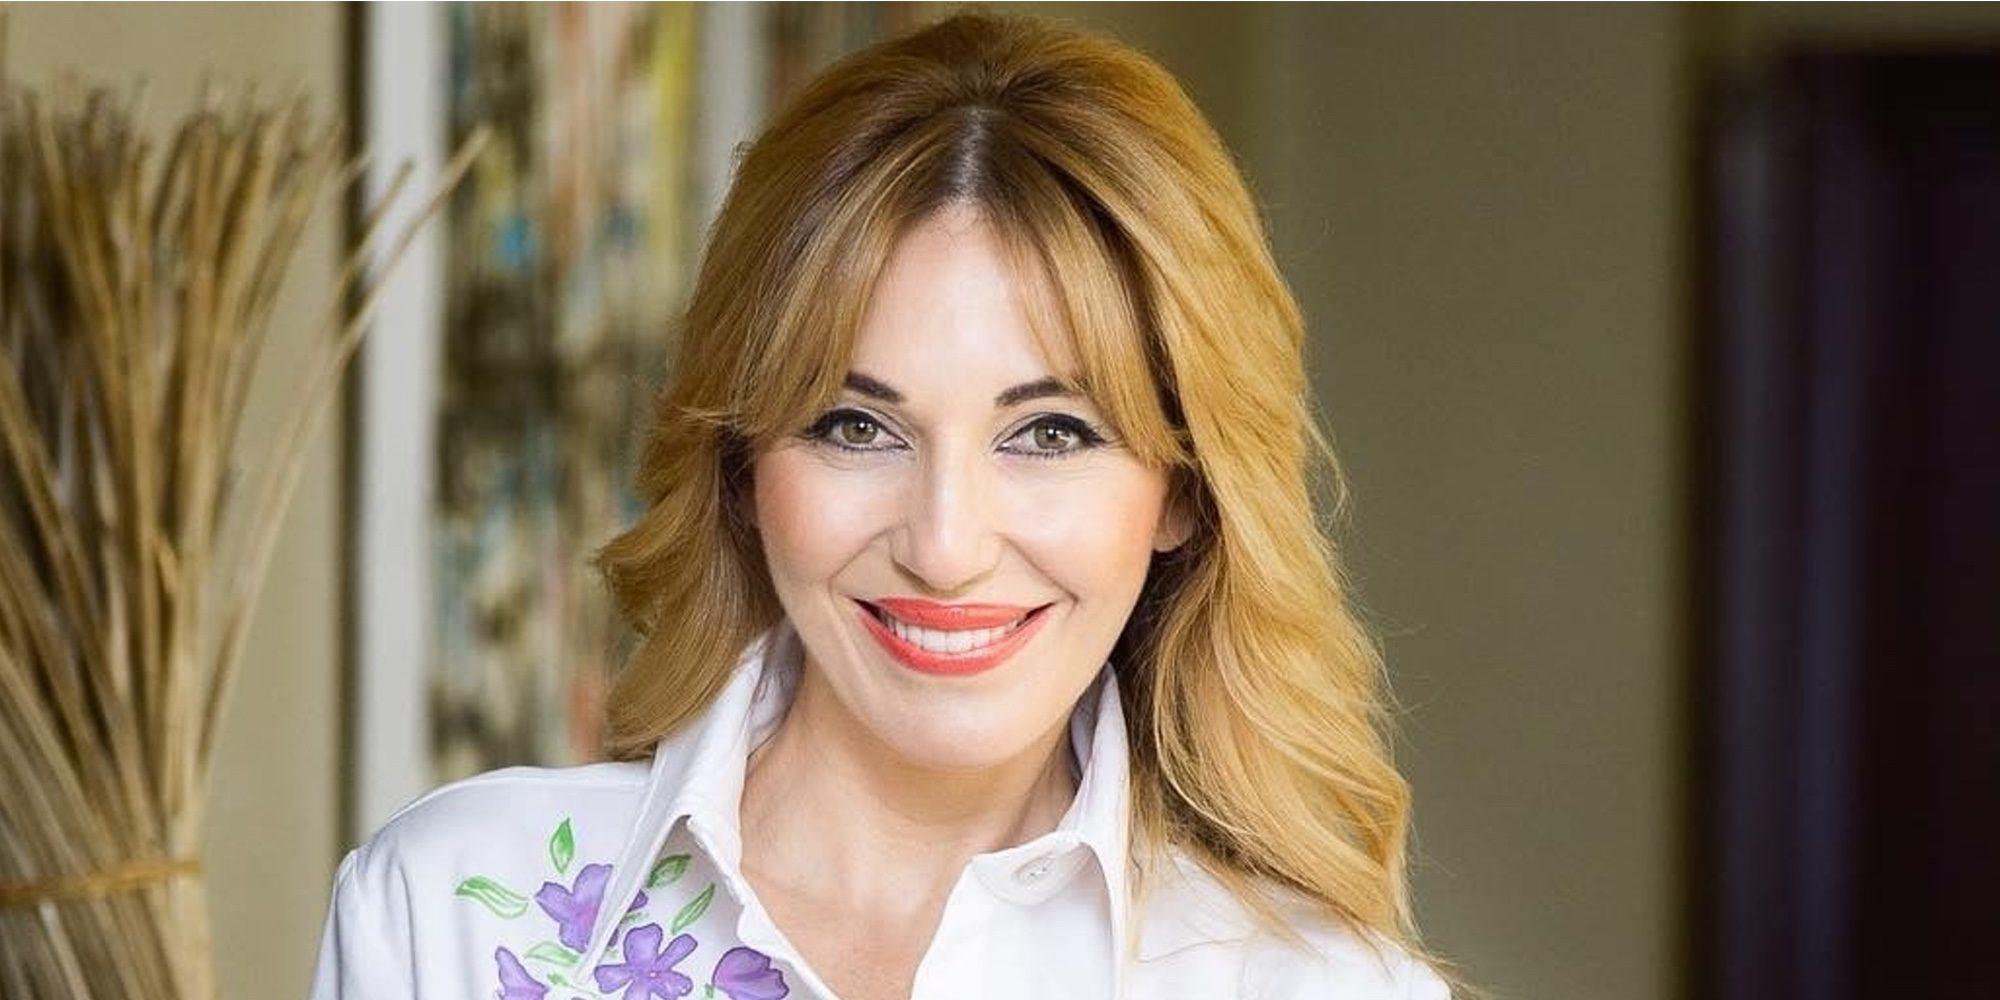 Ania Iglesias, exconcursante de 'Gran Hermano', anuncia su boda con Javier Fandiño